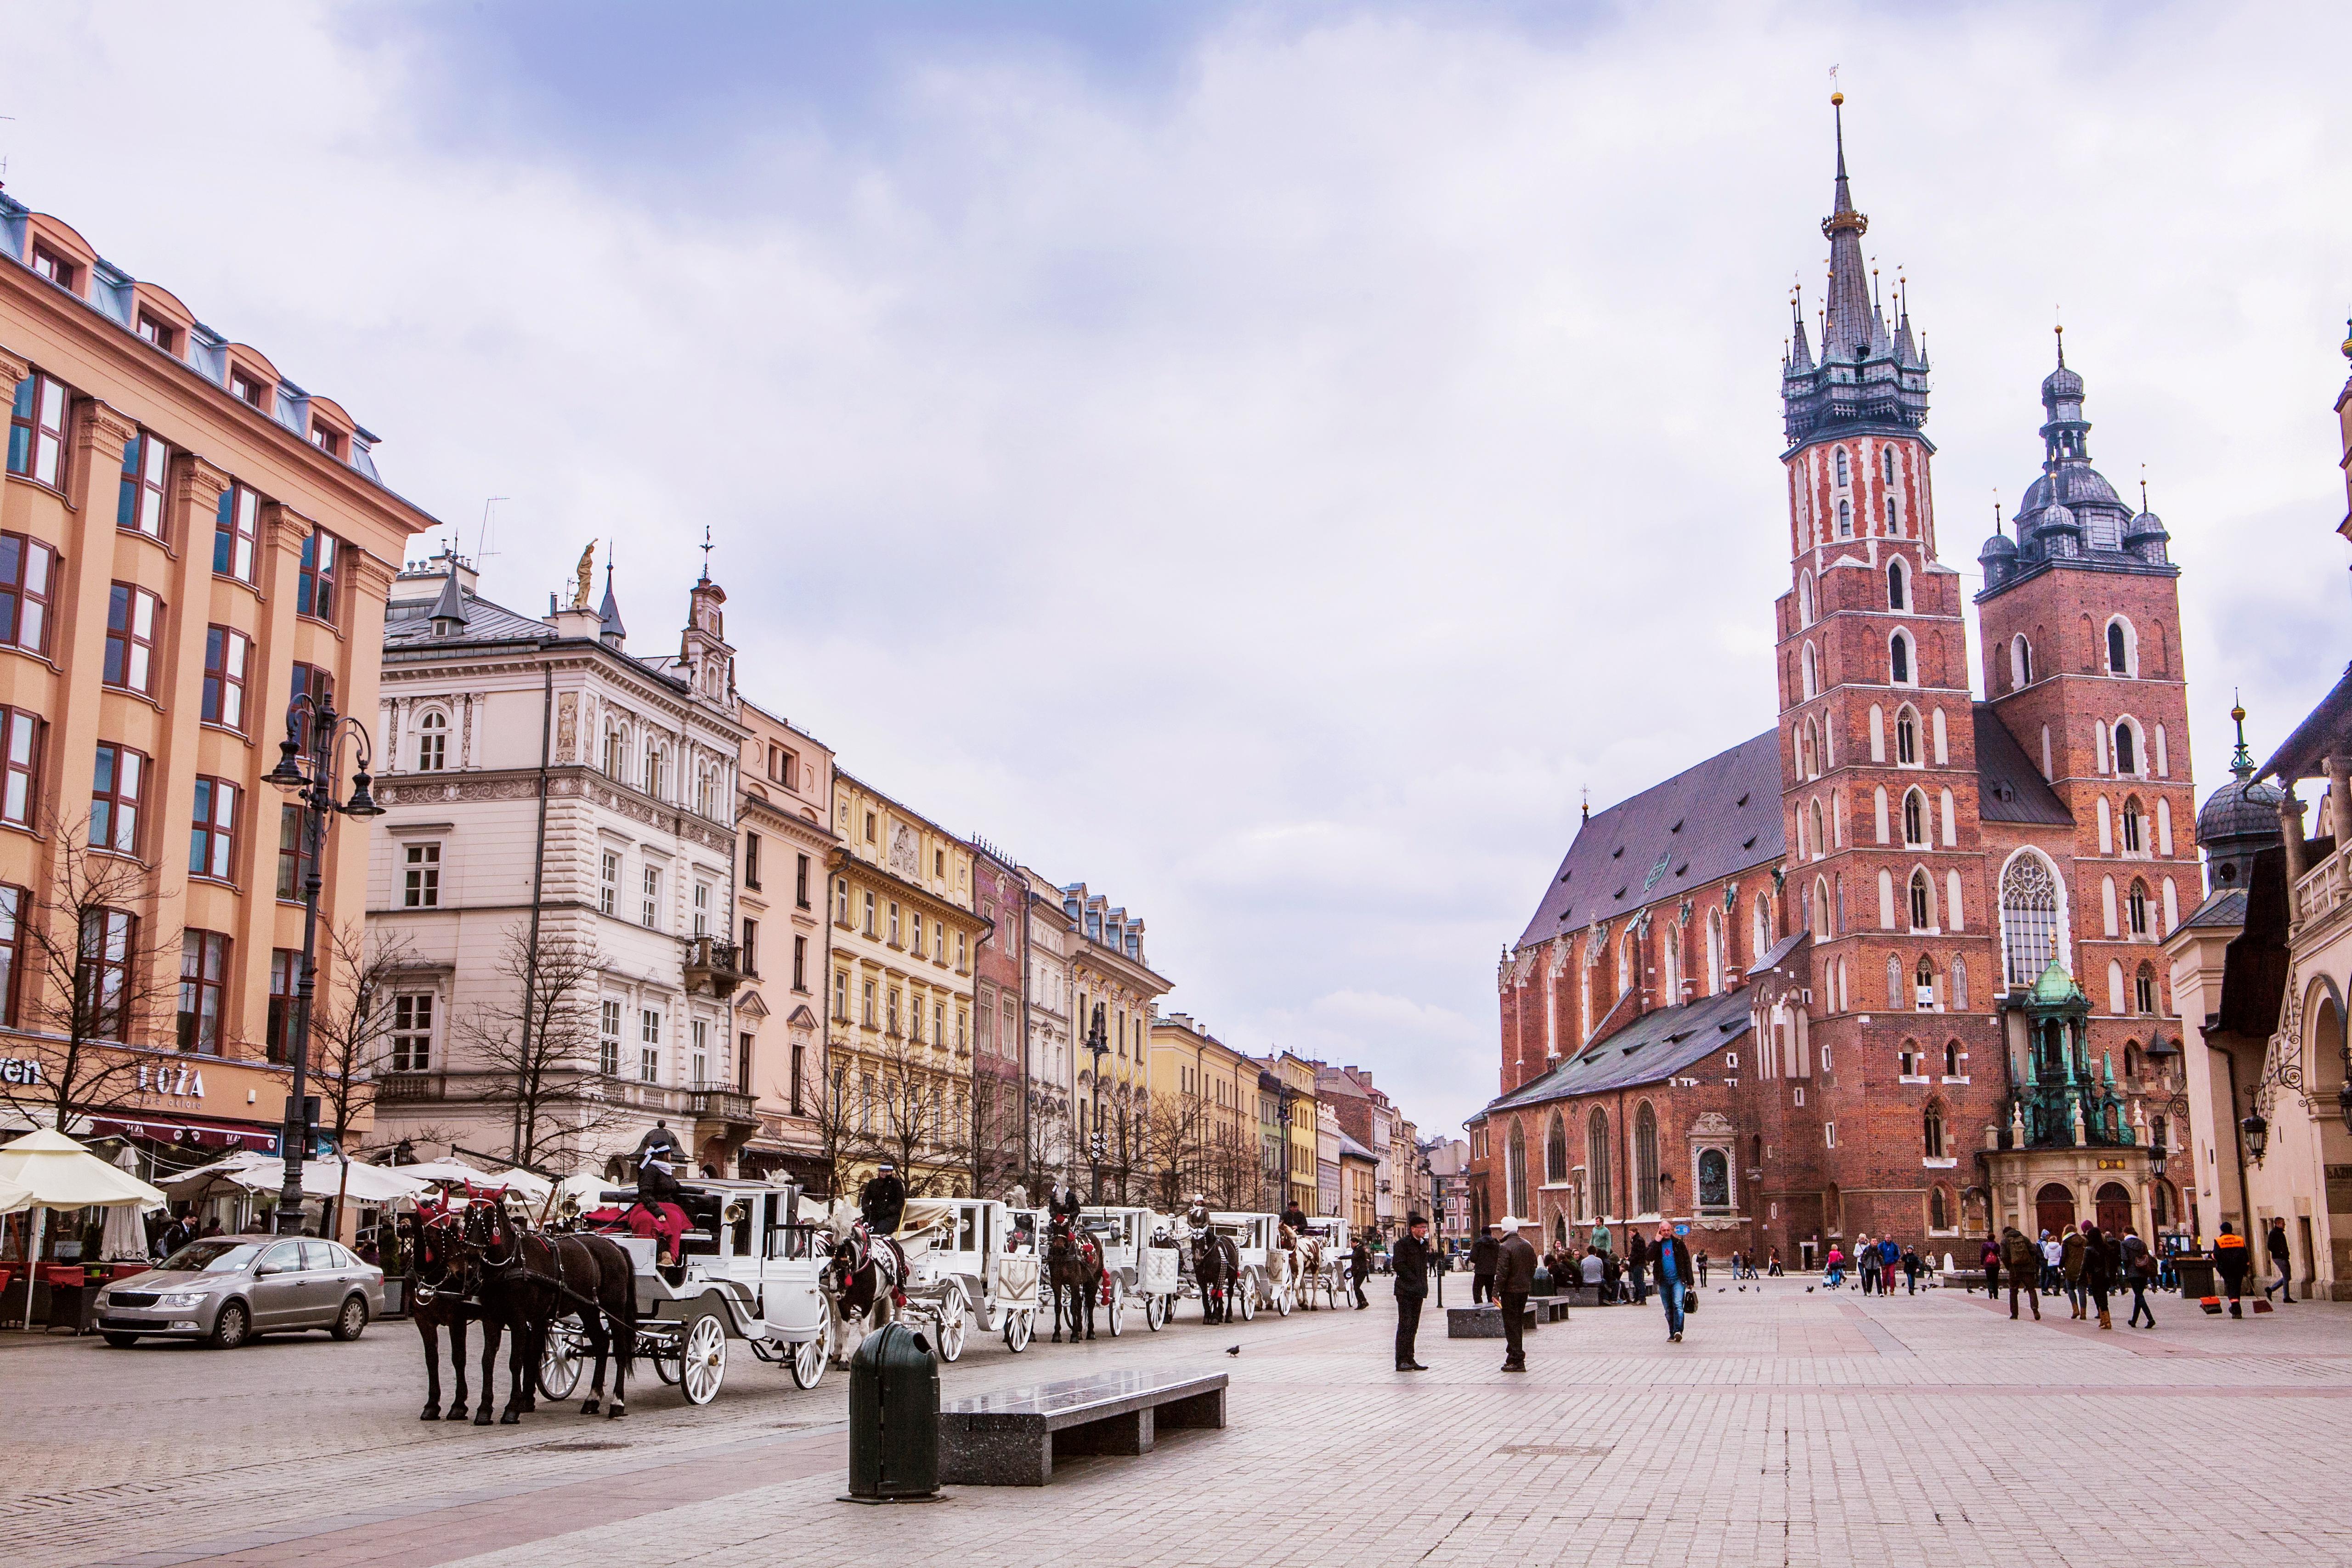 Melyik városban található a különböző magasságú tornyairól is híres templom?